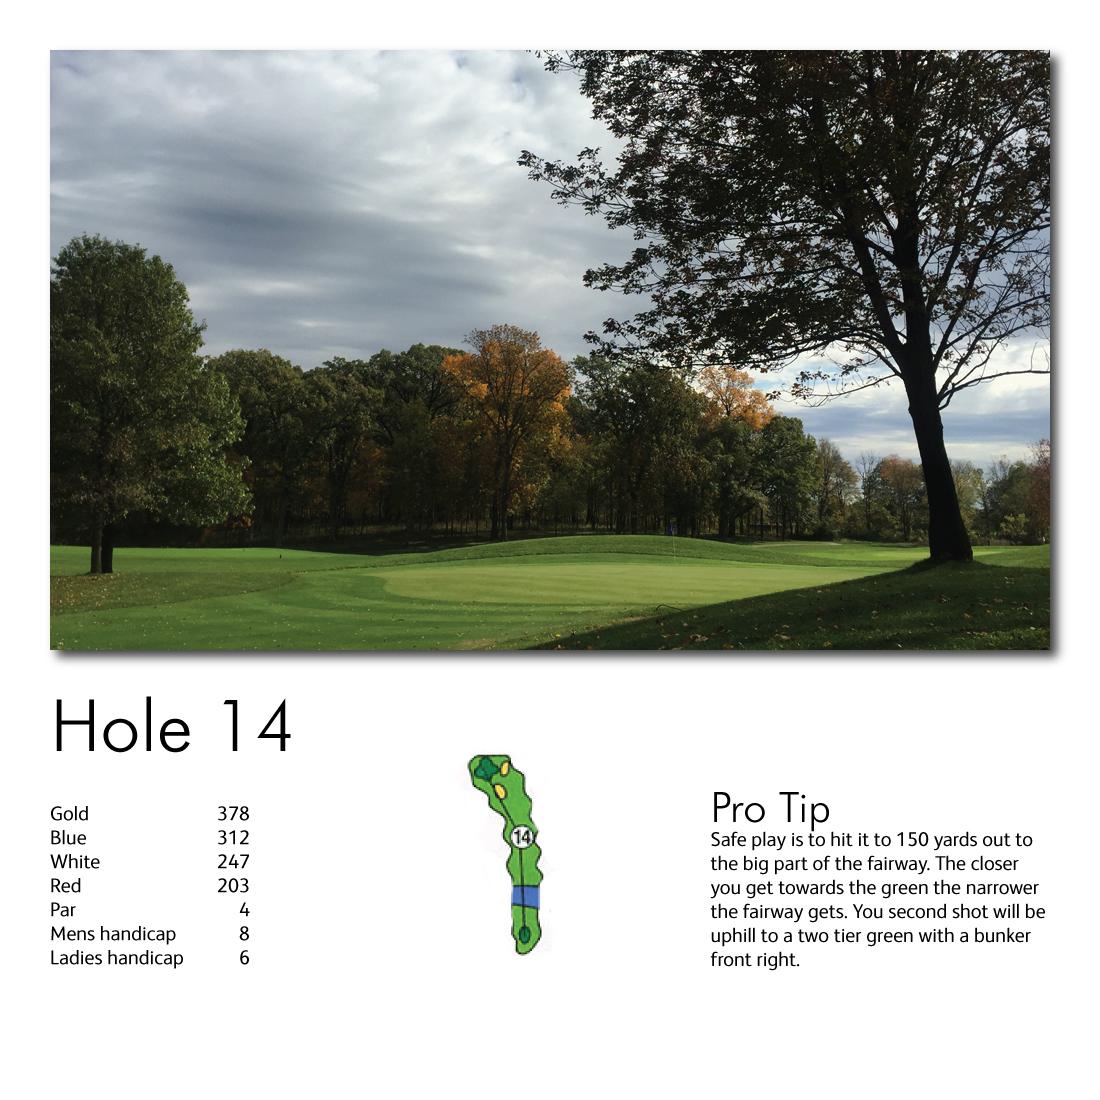 Hole-14-web-image.jpg